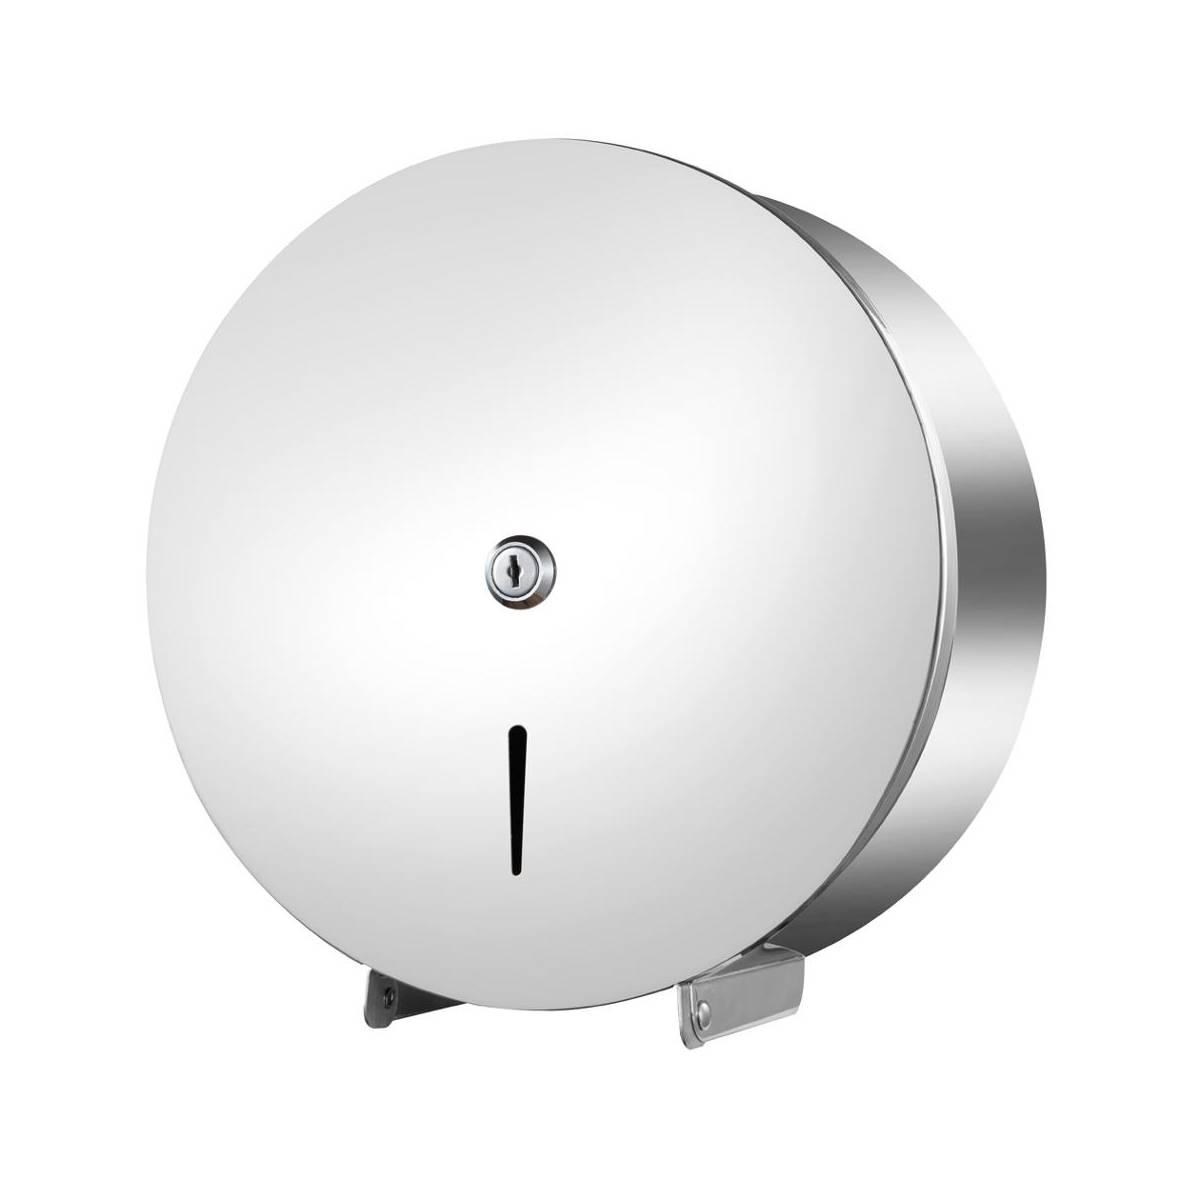 Диспенсер туалетной бумаги Jumbo WС нержавеющая сталь Ø20cm 209401 Noksi